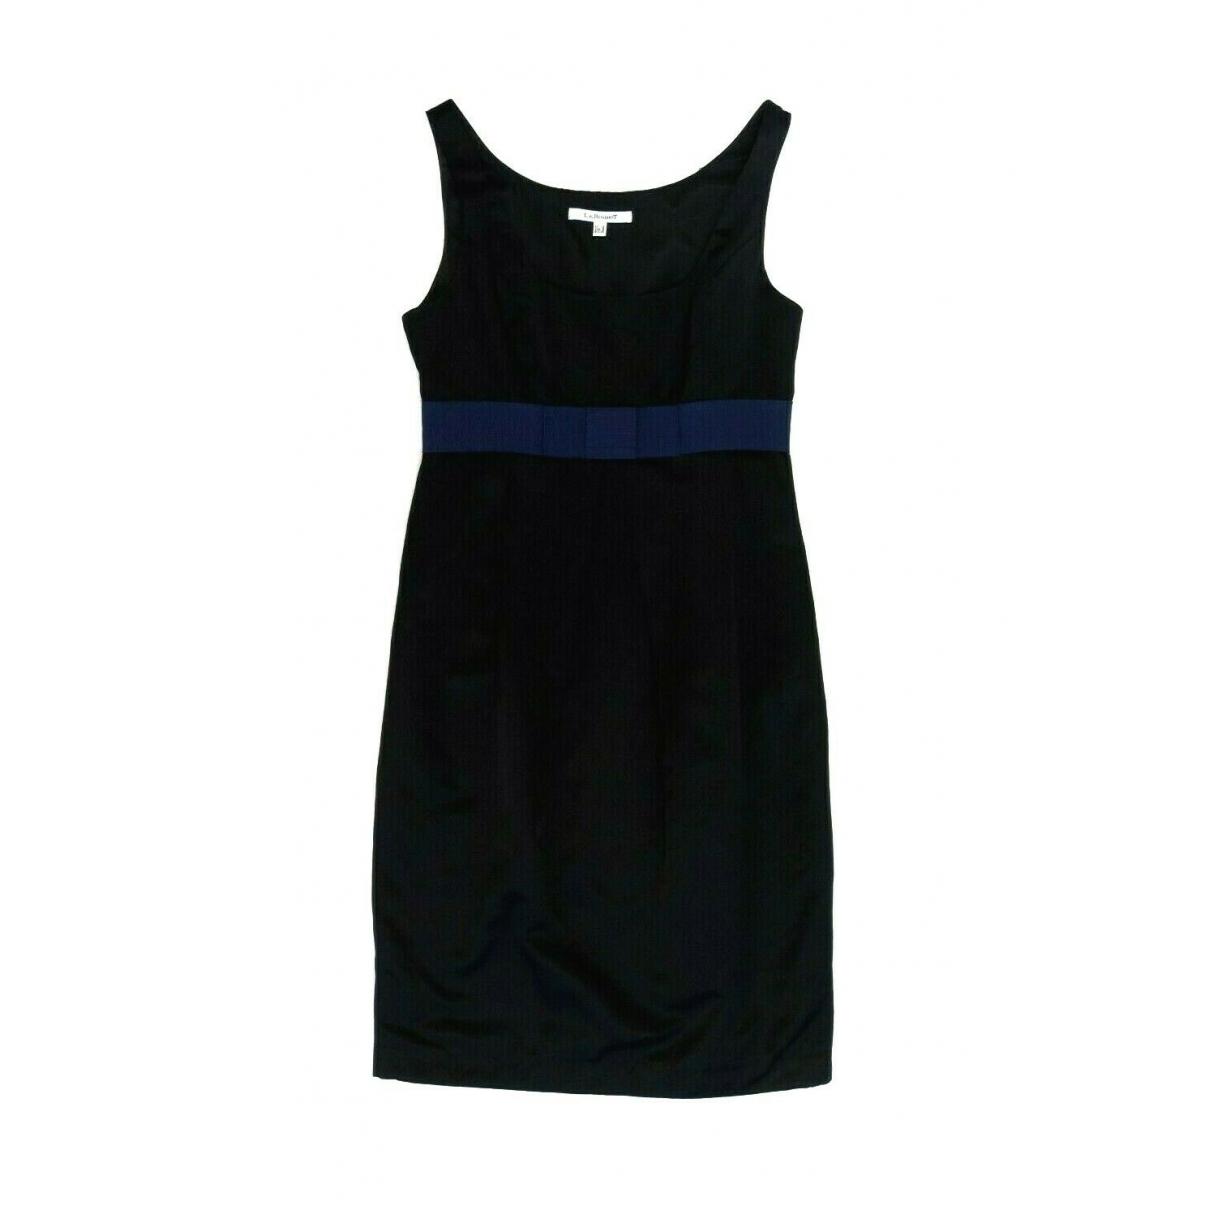 Lk Bennett - Robe   pour femme - noir